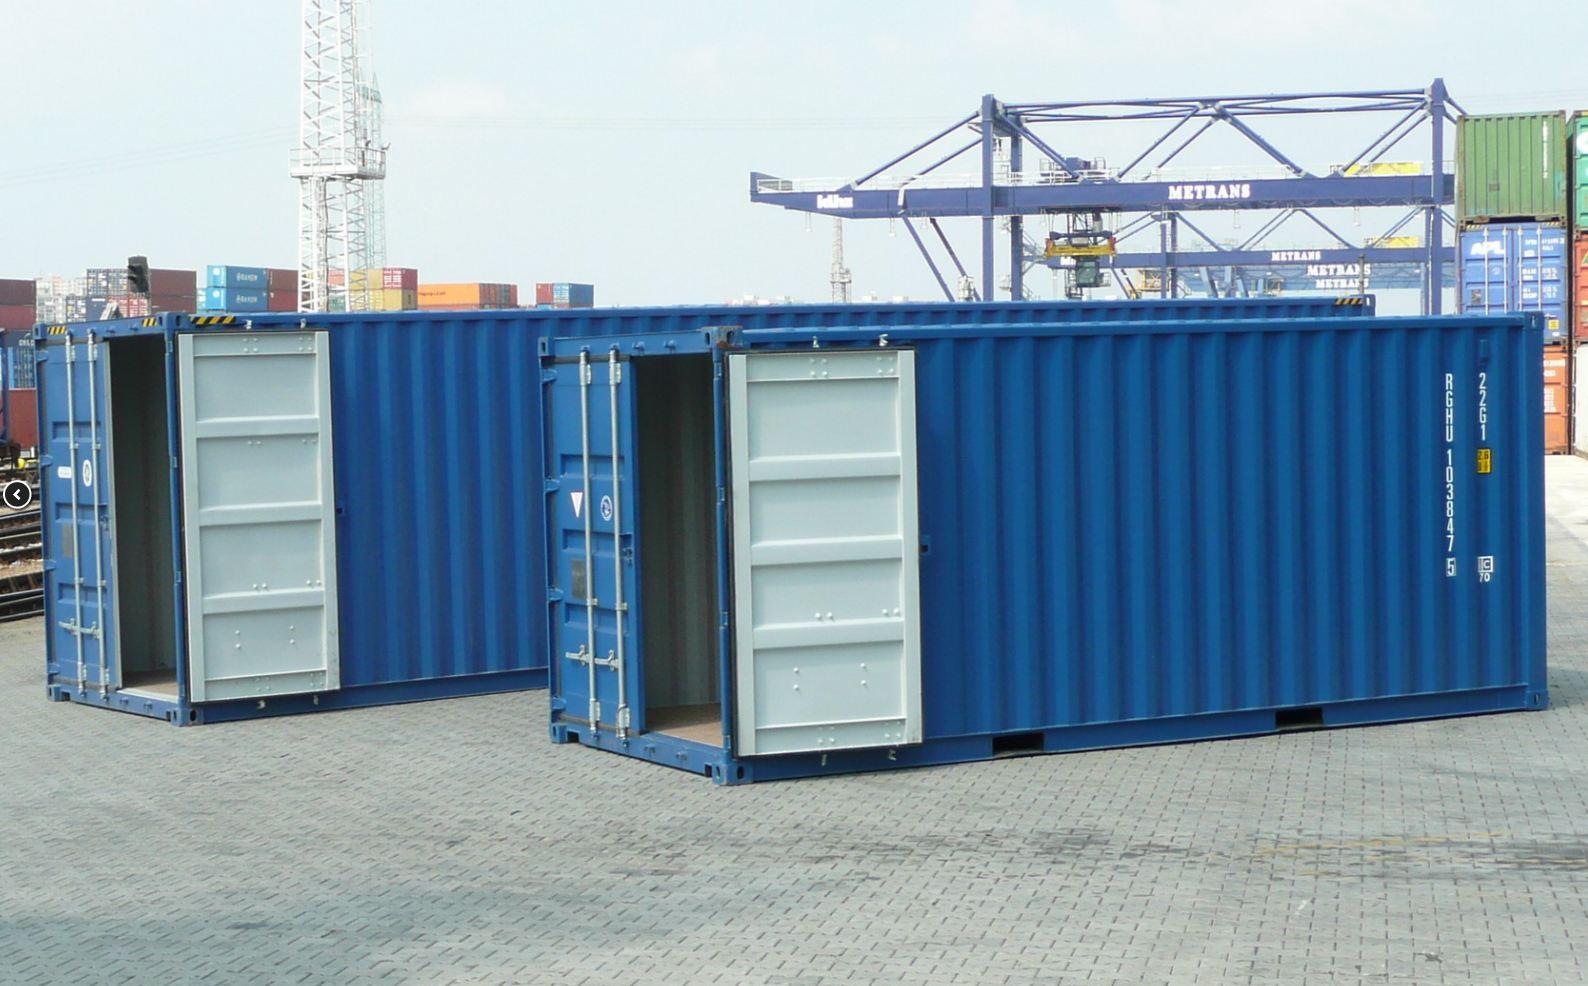 Ocelové námořní přepravní kontejnery využijete také jako skladovací prostory či dílnu.